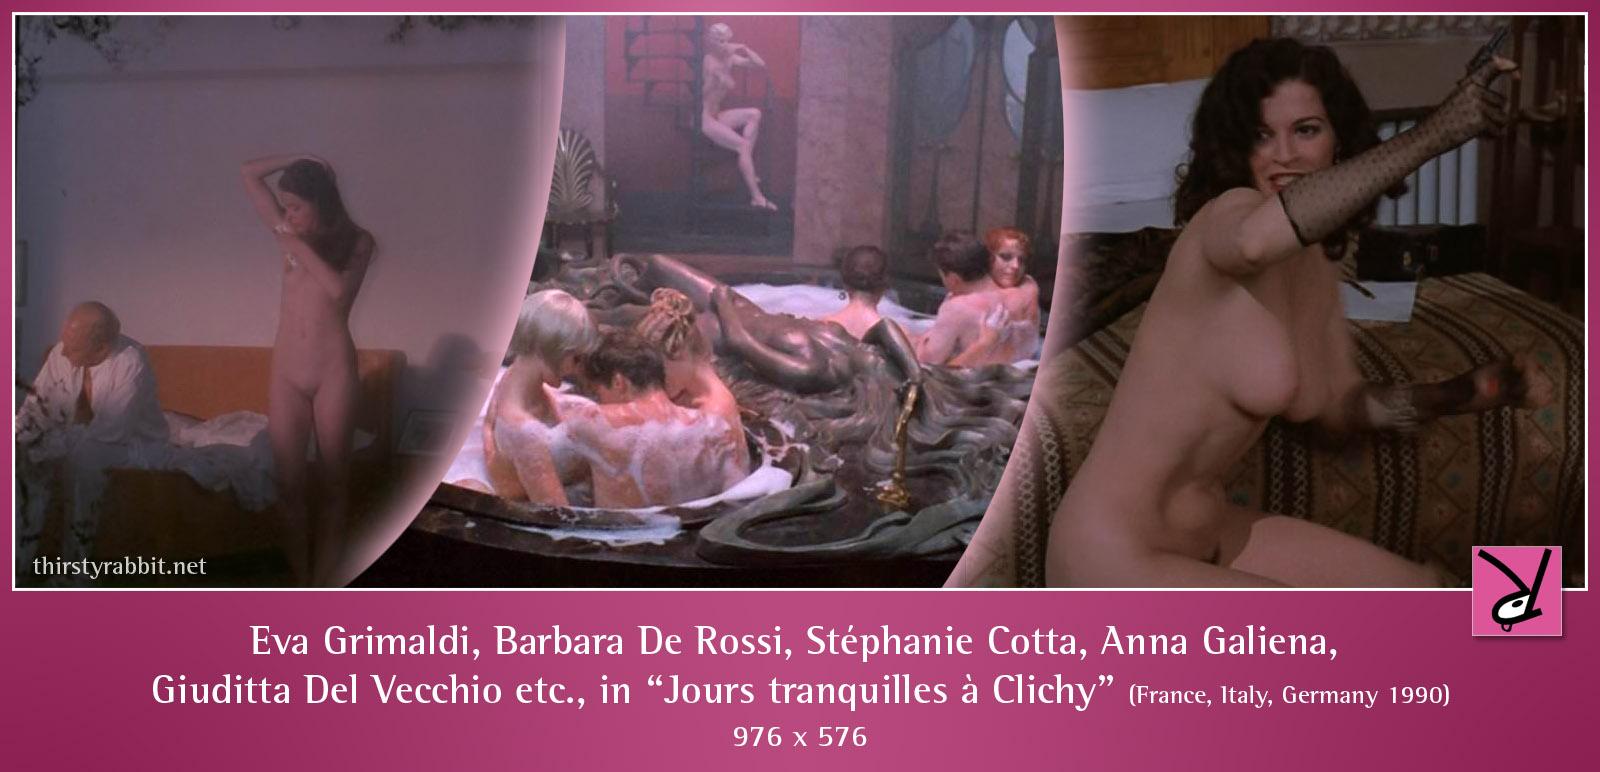 Eva grimaldi anna galiena barbara de rossi clichy - 2 part 3